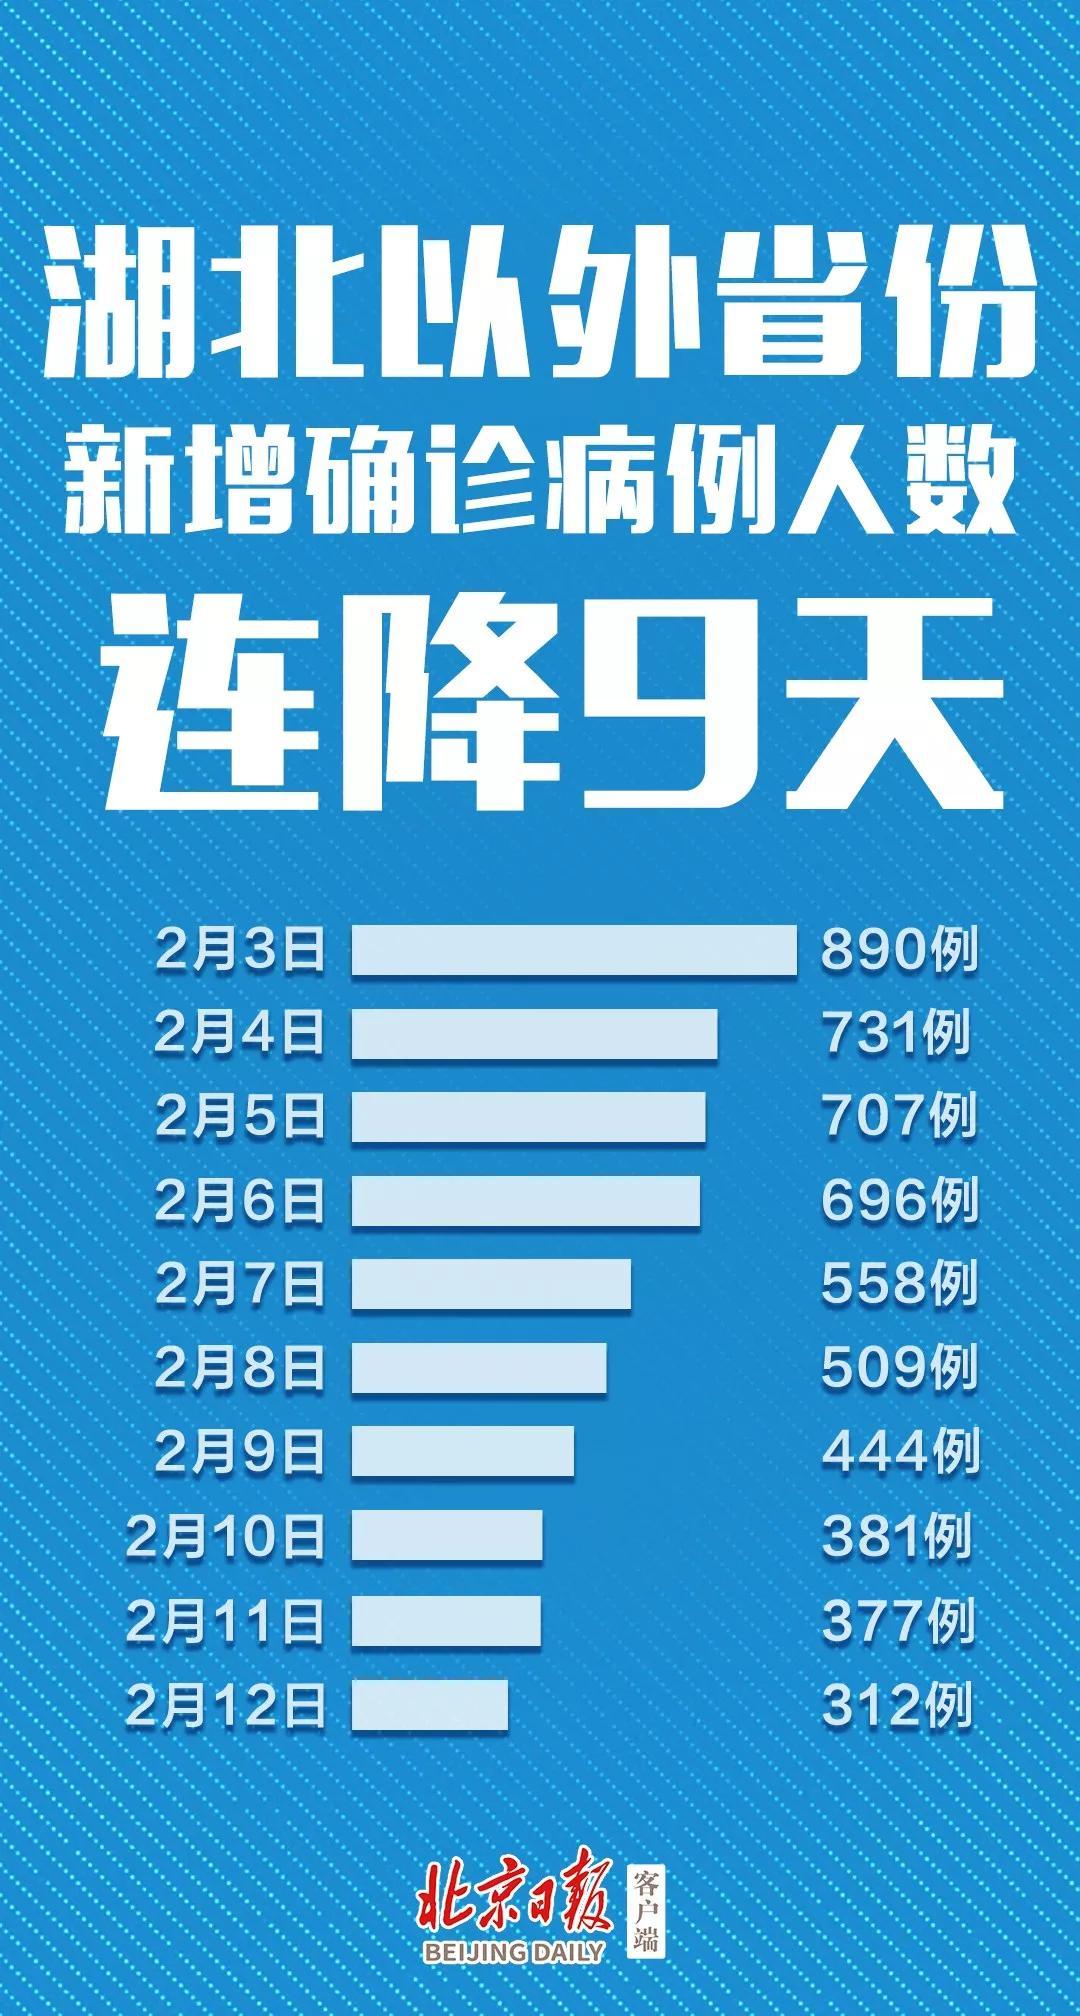 全国新增15152例 钟南山李兰娟团队同时发出提醒图片